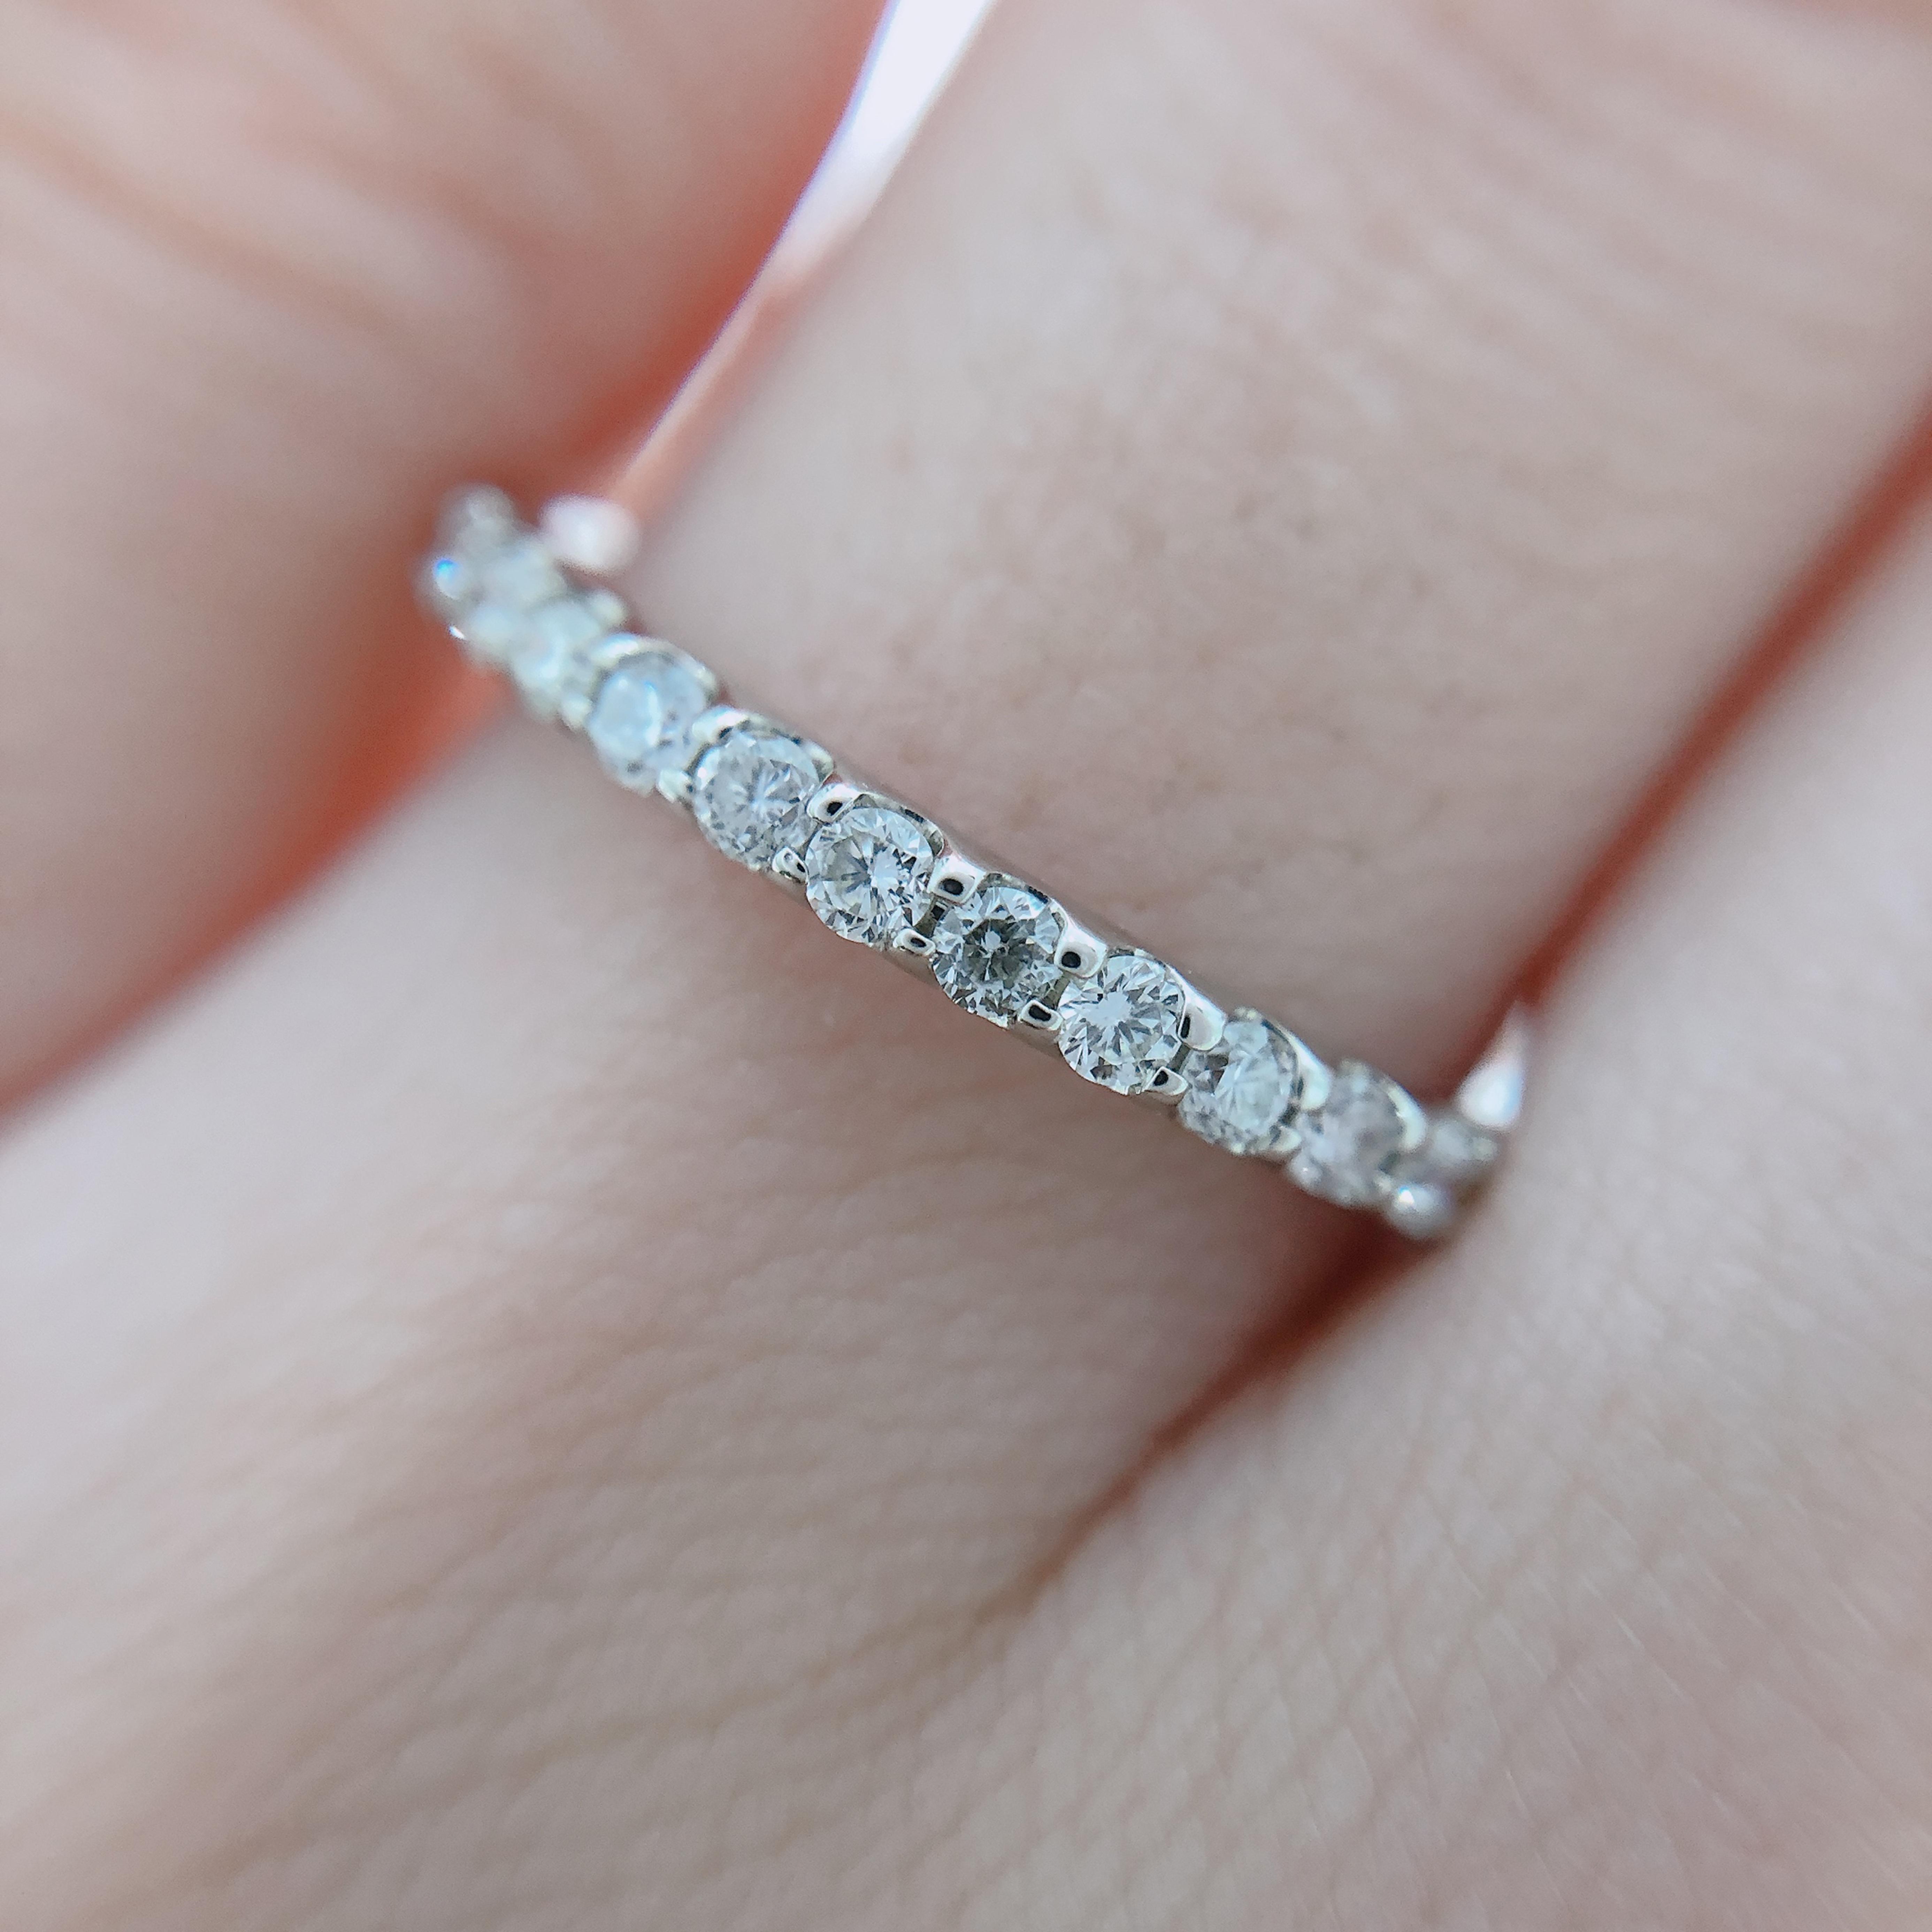 半周する小粒のダイヤモンドが煌めいて華やかです!